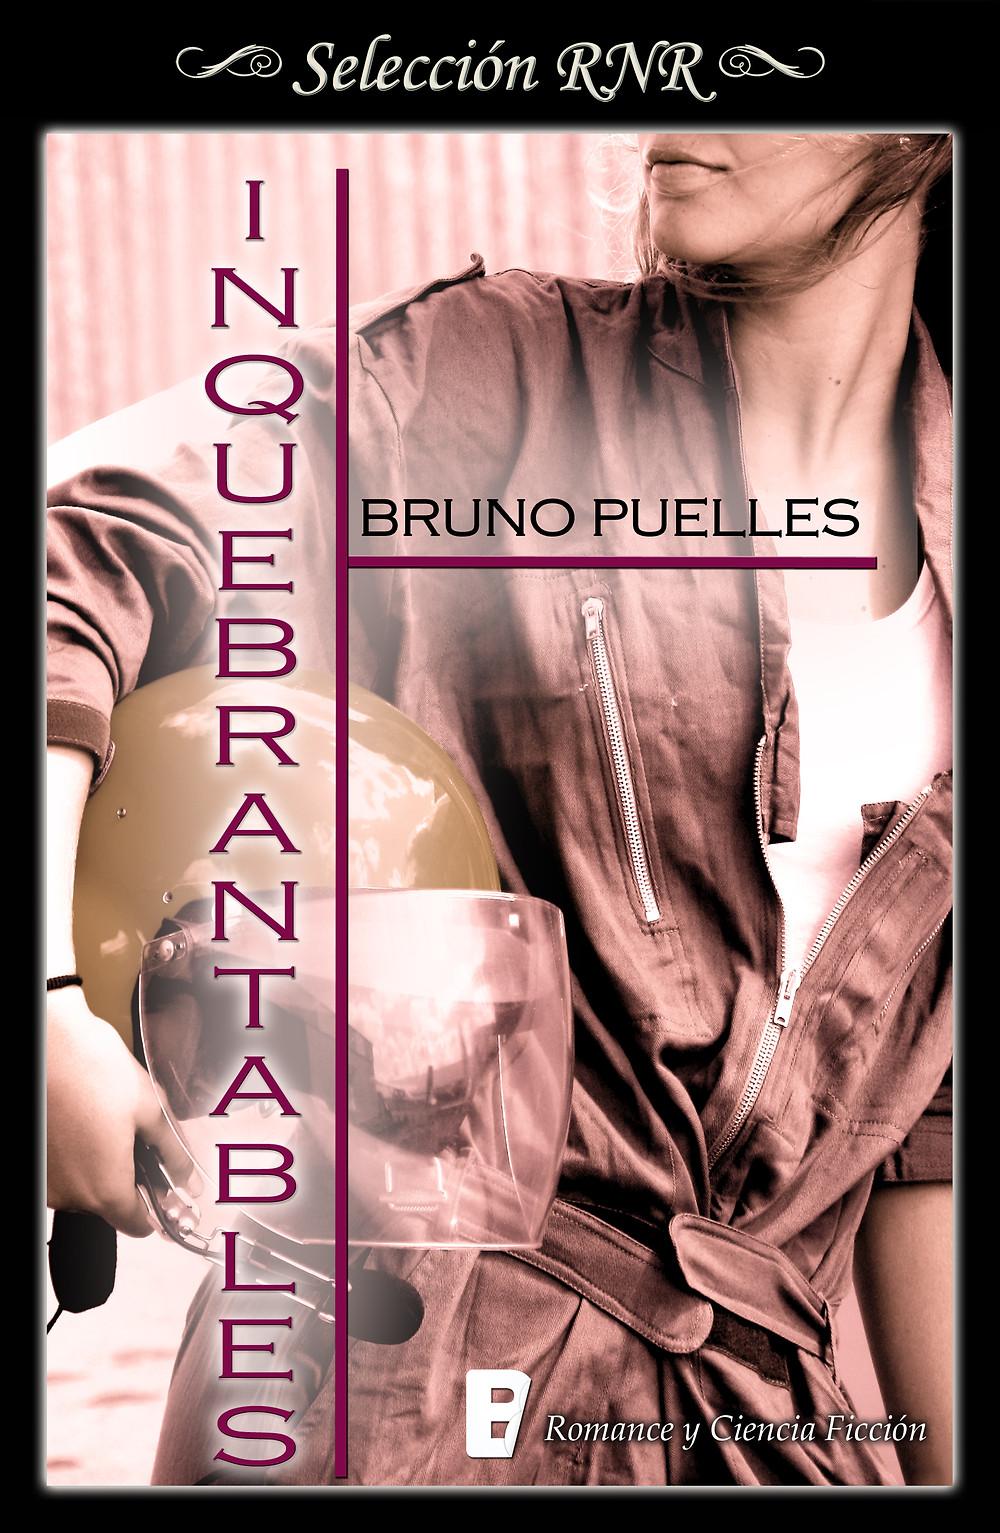 Portada de la novela A dónde van los dragones. Es negra con un dragón naranja de origami. Aparece también el título de la novela, el nombre del autor, Bruno Puelles, y el logo de la editorial, B de Books.